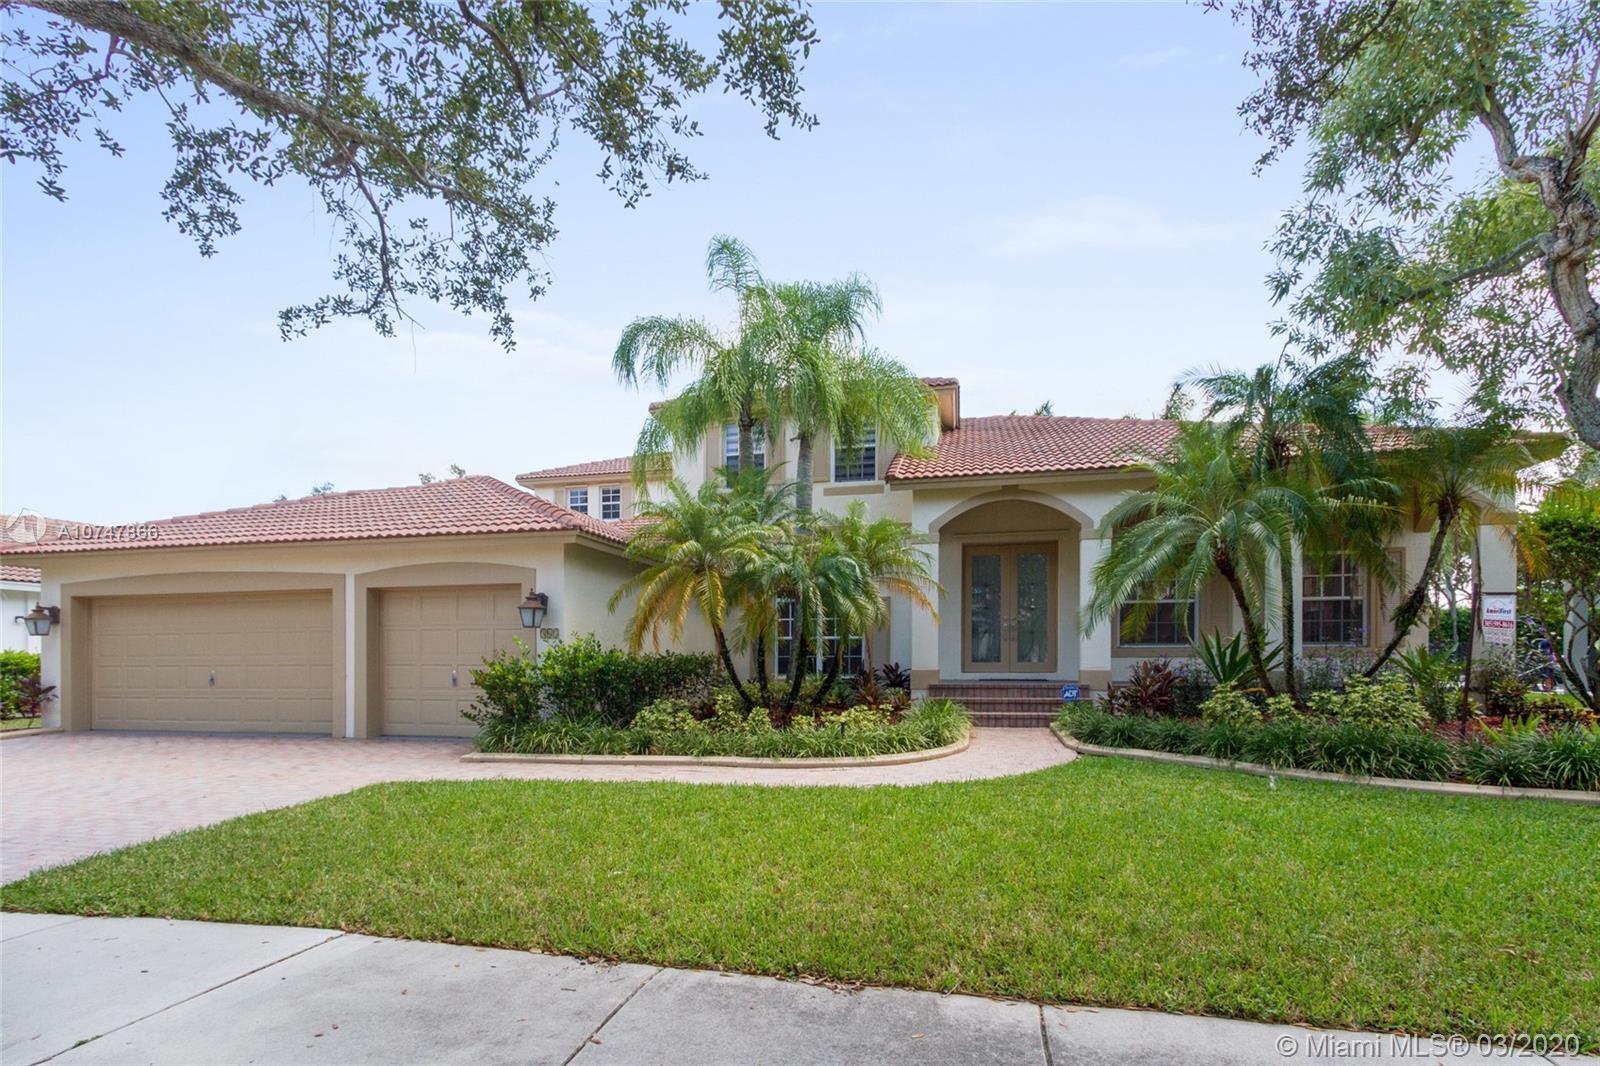 363 Mallard Rd, Weston, FL 33327